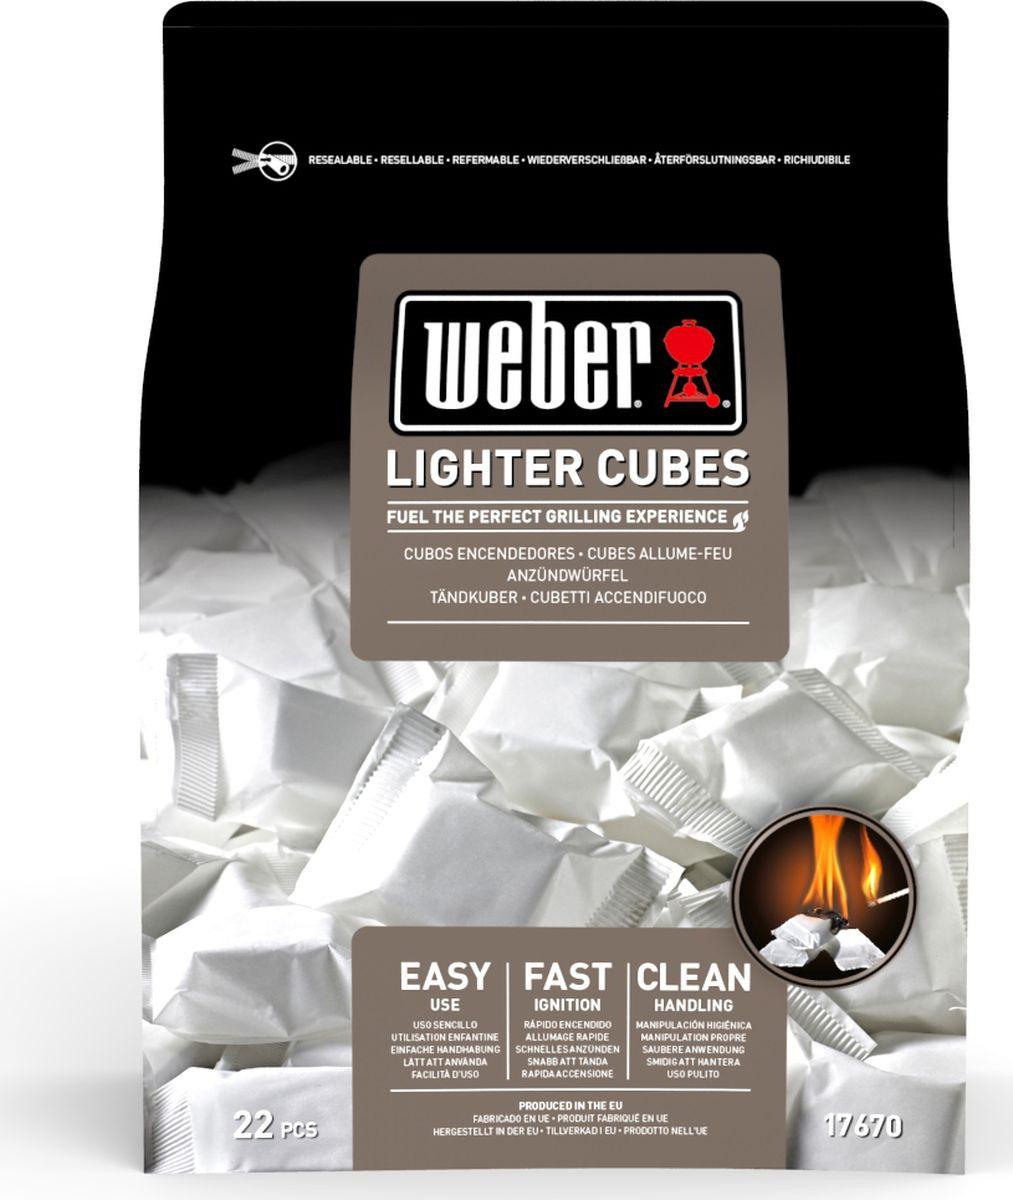 Кубики для розжига Weber17670Идеальная замена жидким смесям для розжига. Кубики для розжига Weber позволяют в считанные минуты разжечь уголь в стартере. Они нетоксичные и безопасны для окружающей среды, не имеют запаха и не дымят. Их можно использовать, даже если они промокли. Кубики для розжига поставляются упаковками по 18 шт.